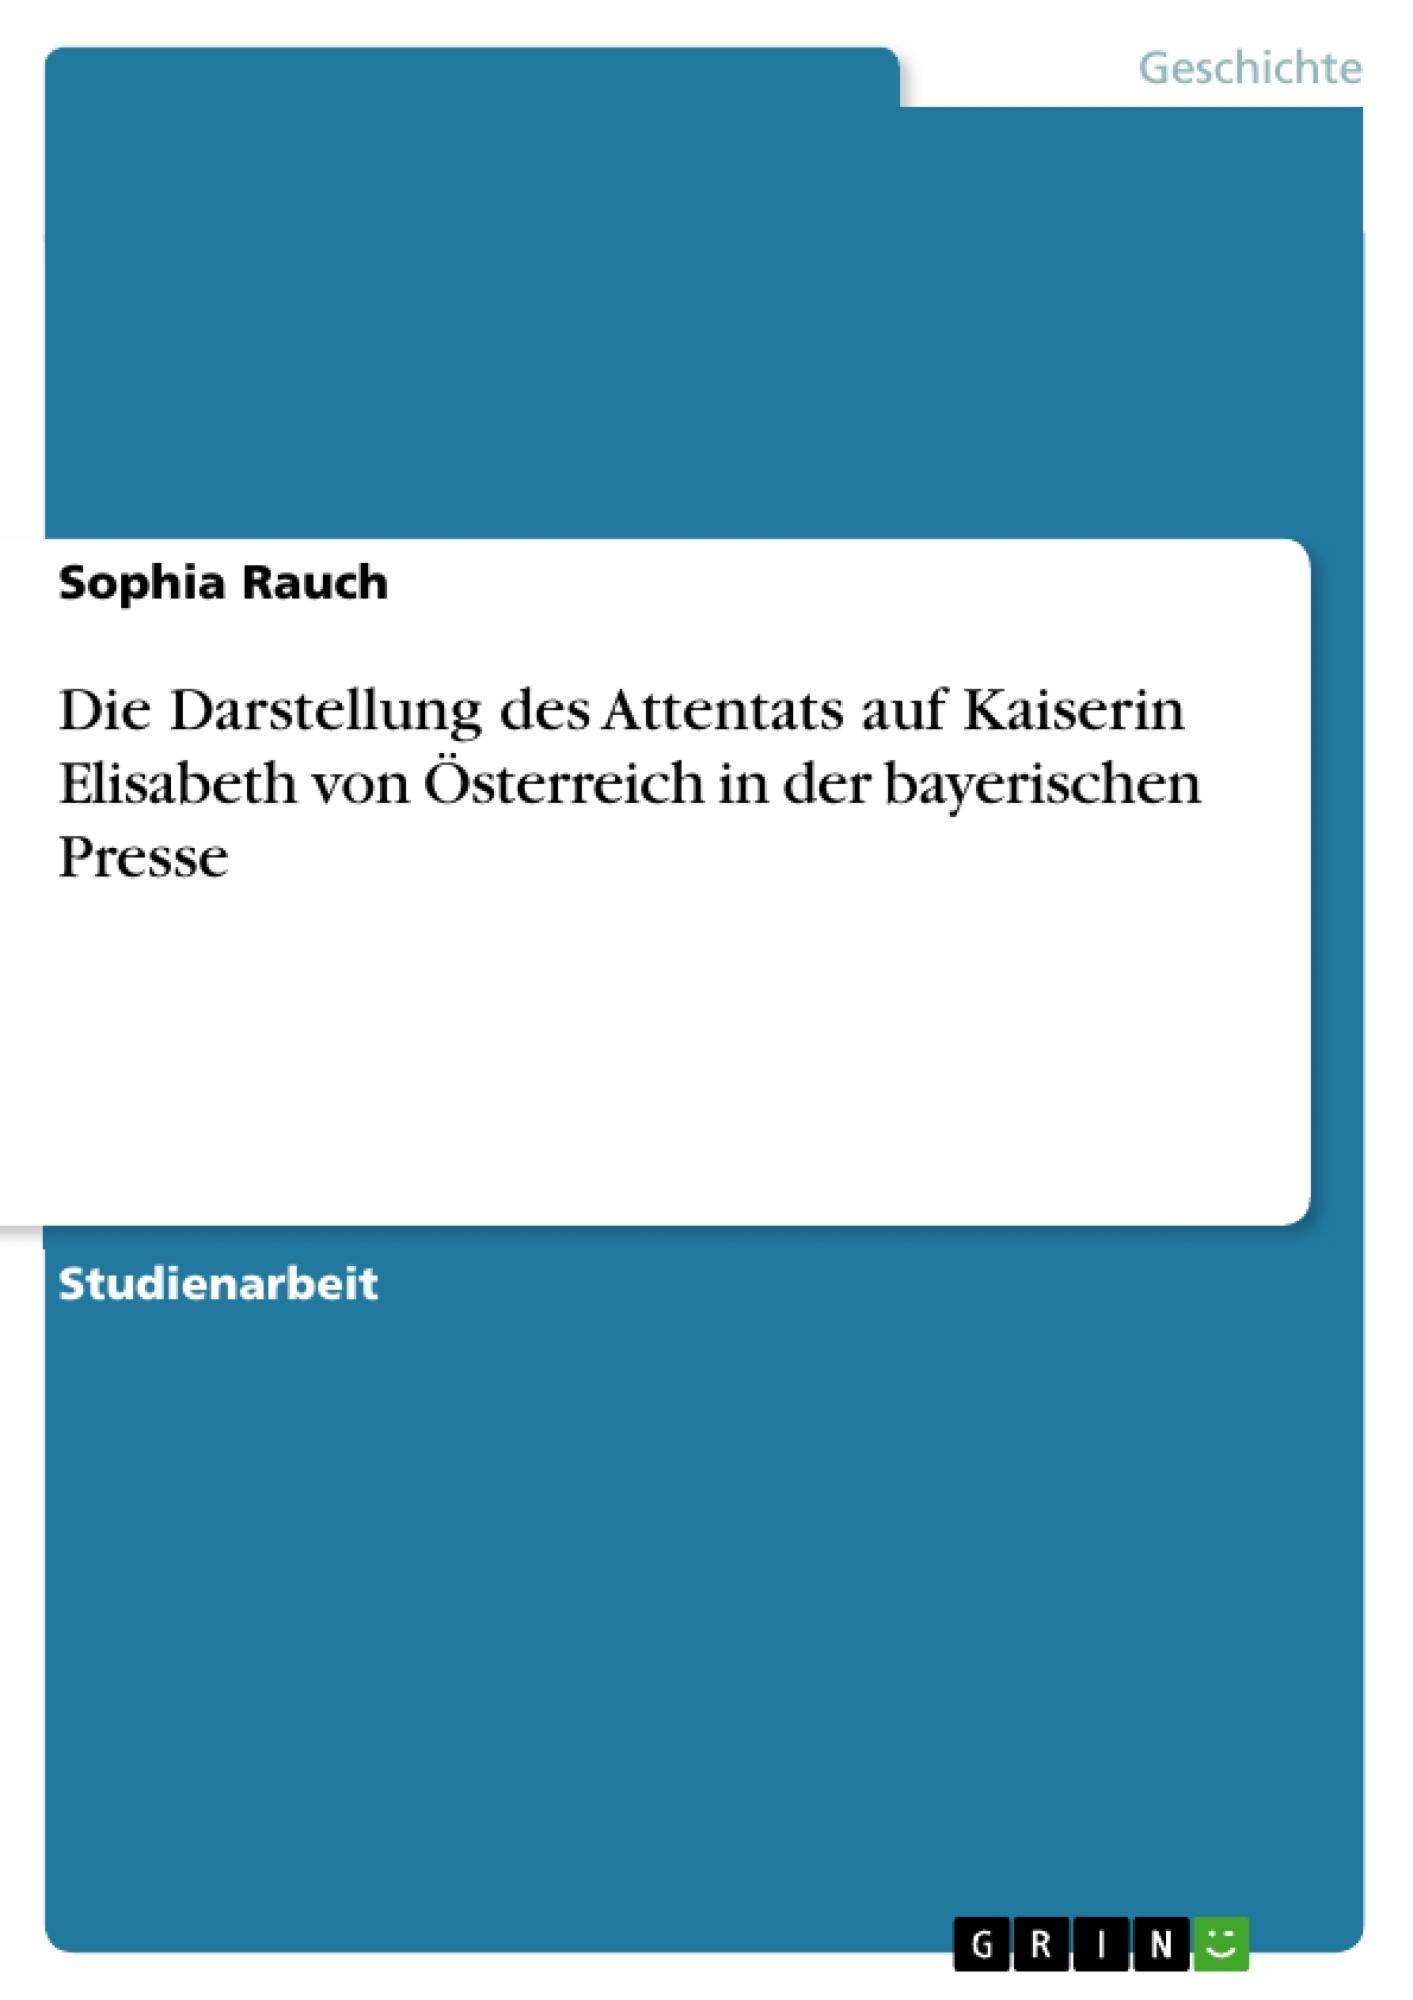 Titel: Die Darstellung des Attentats auf Kaiserin Elisabeth von Österreich in der bayerischen Presse